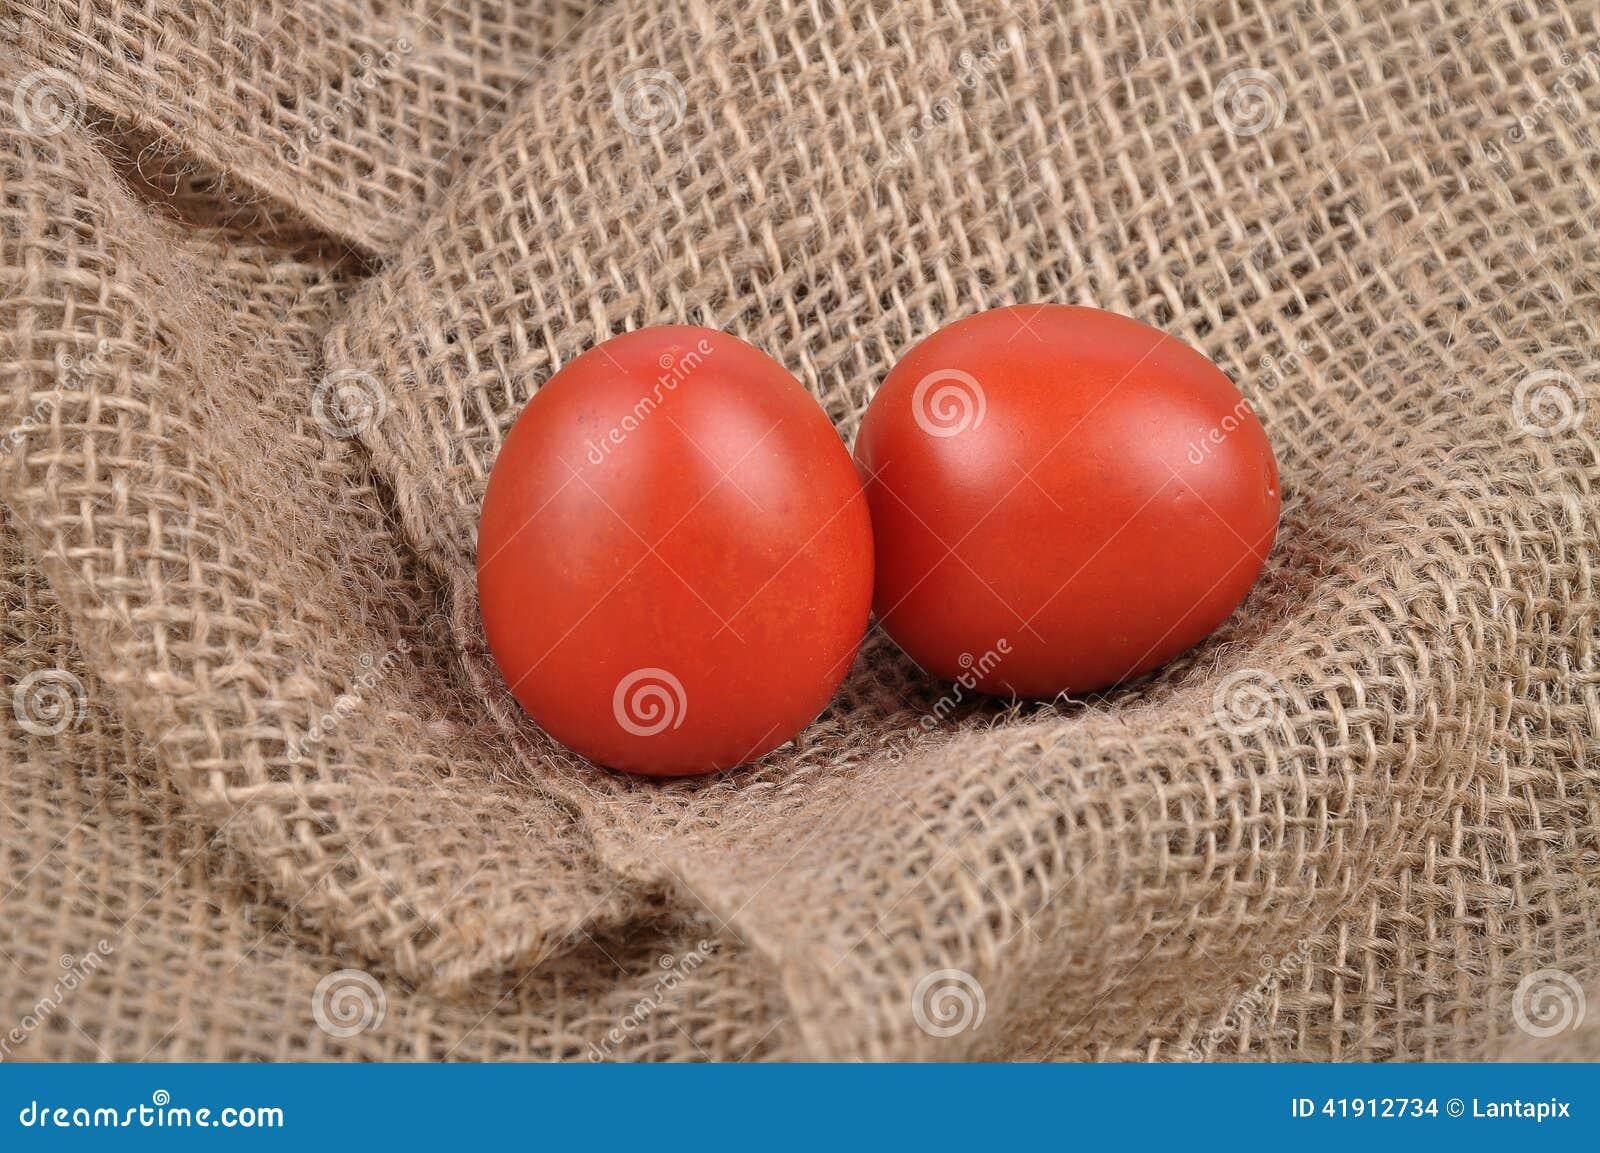 Tomates en yute